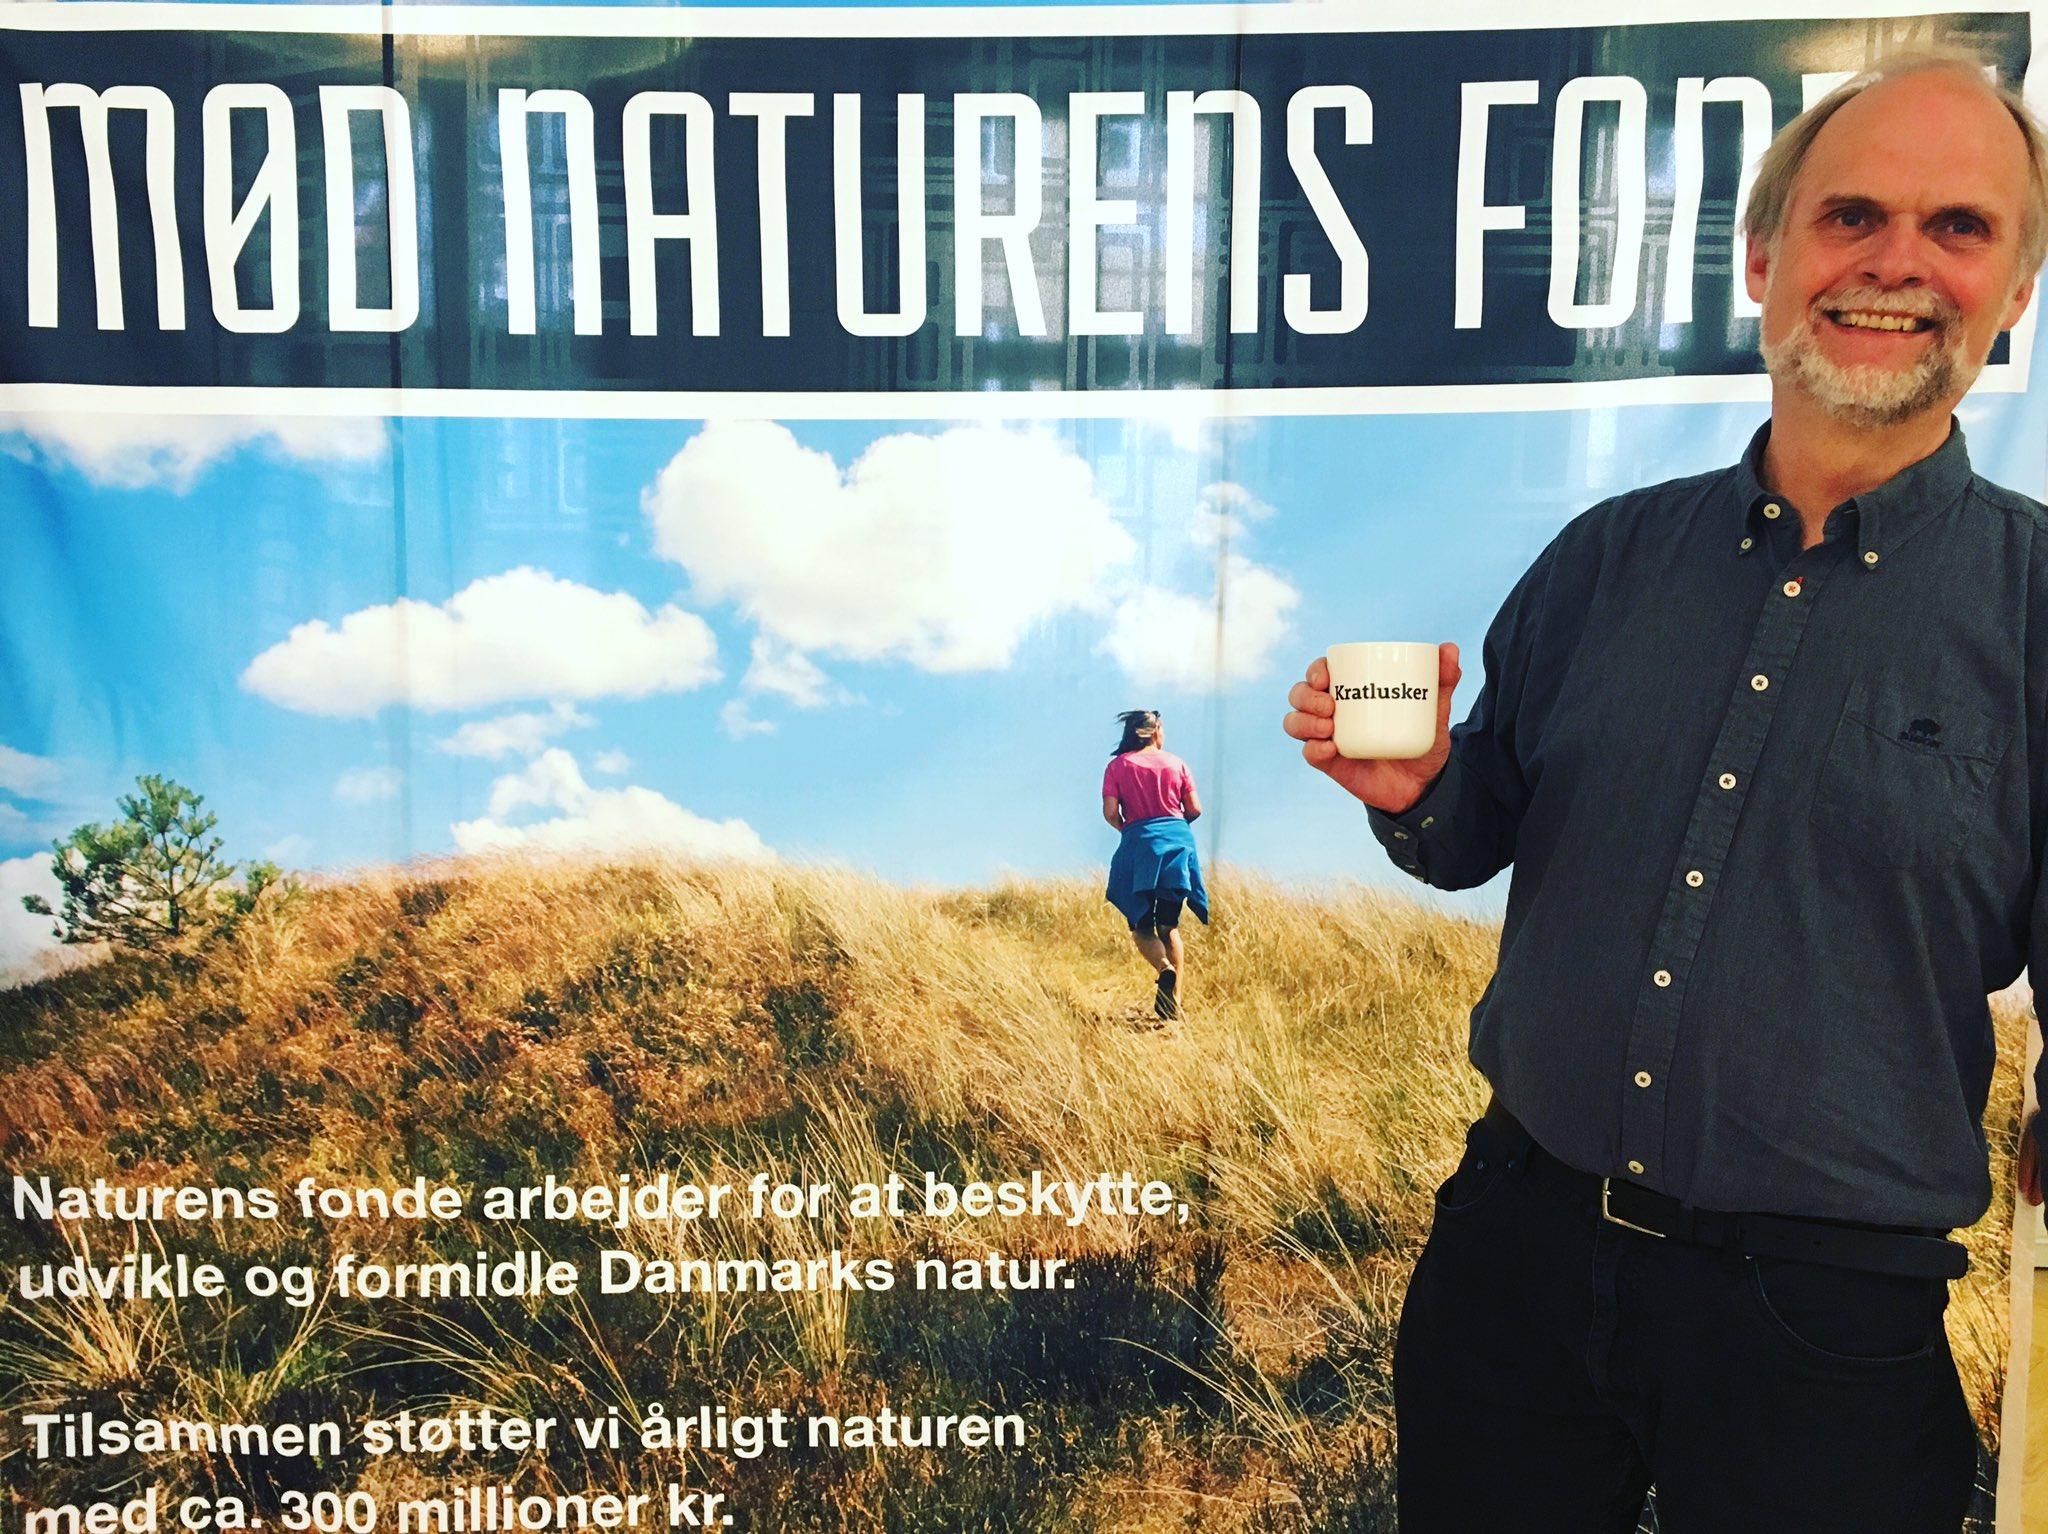 Mød os sammen med #NaturensFonde på @Naturmodet i Hirtshals torsdag-lørdag. Projektchef Frans Bach byder på både kaffe & dialog! #kratlusker https://t.co/wyo27cmZoM